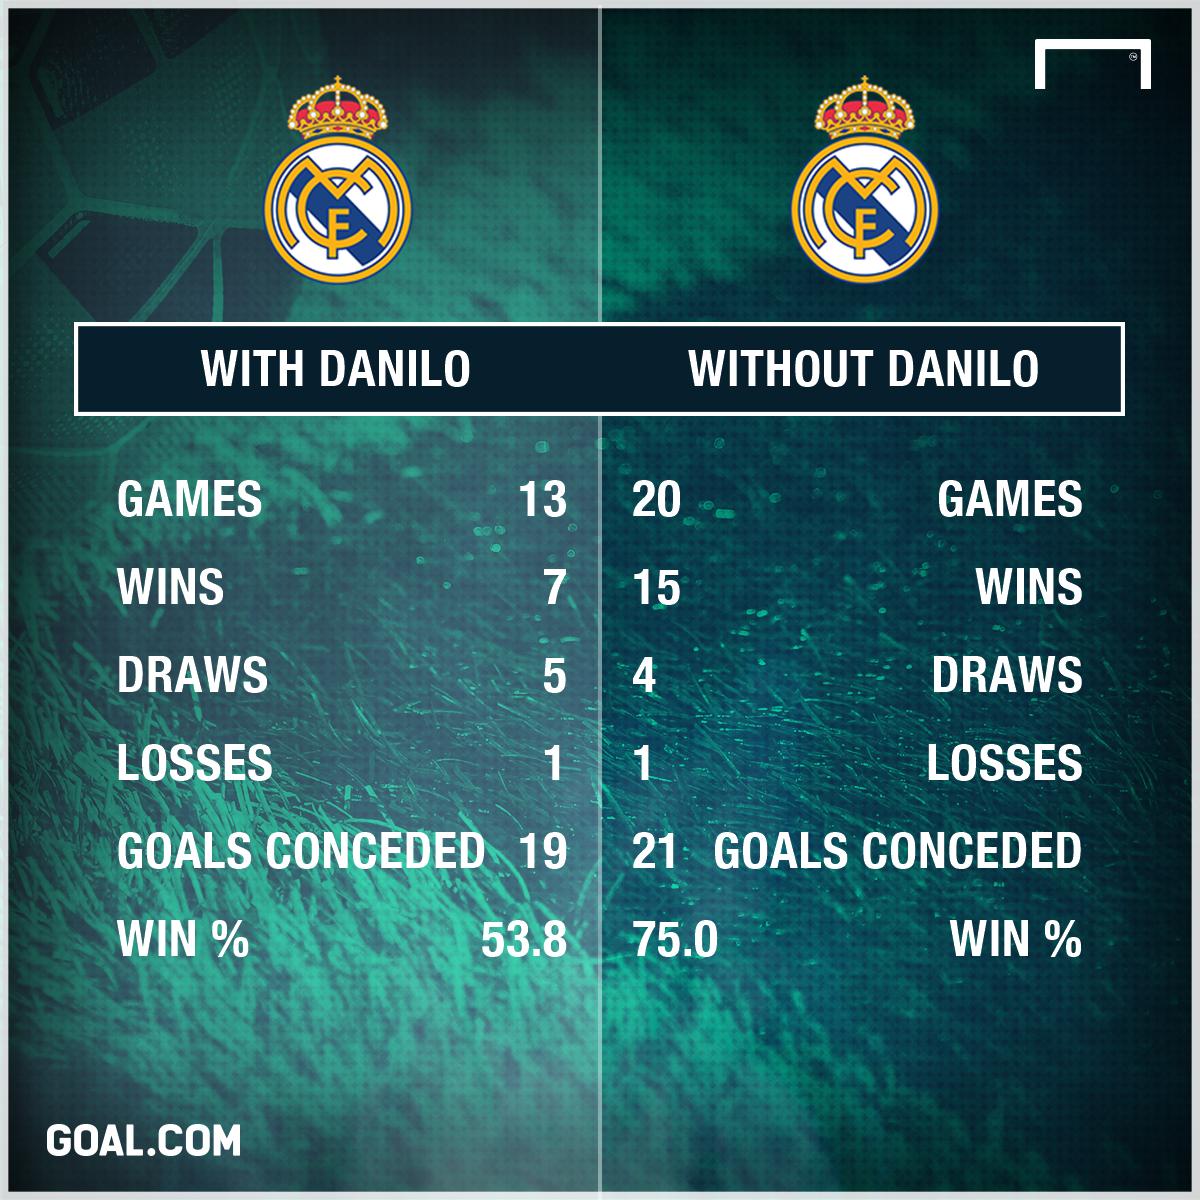 Danilo comparison graphic